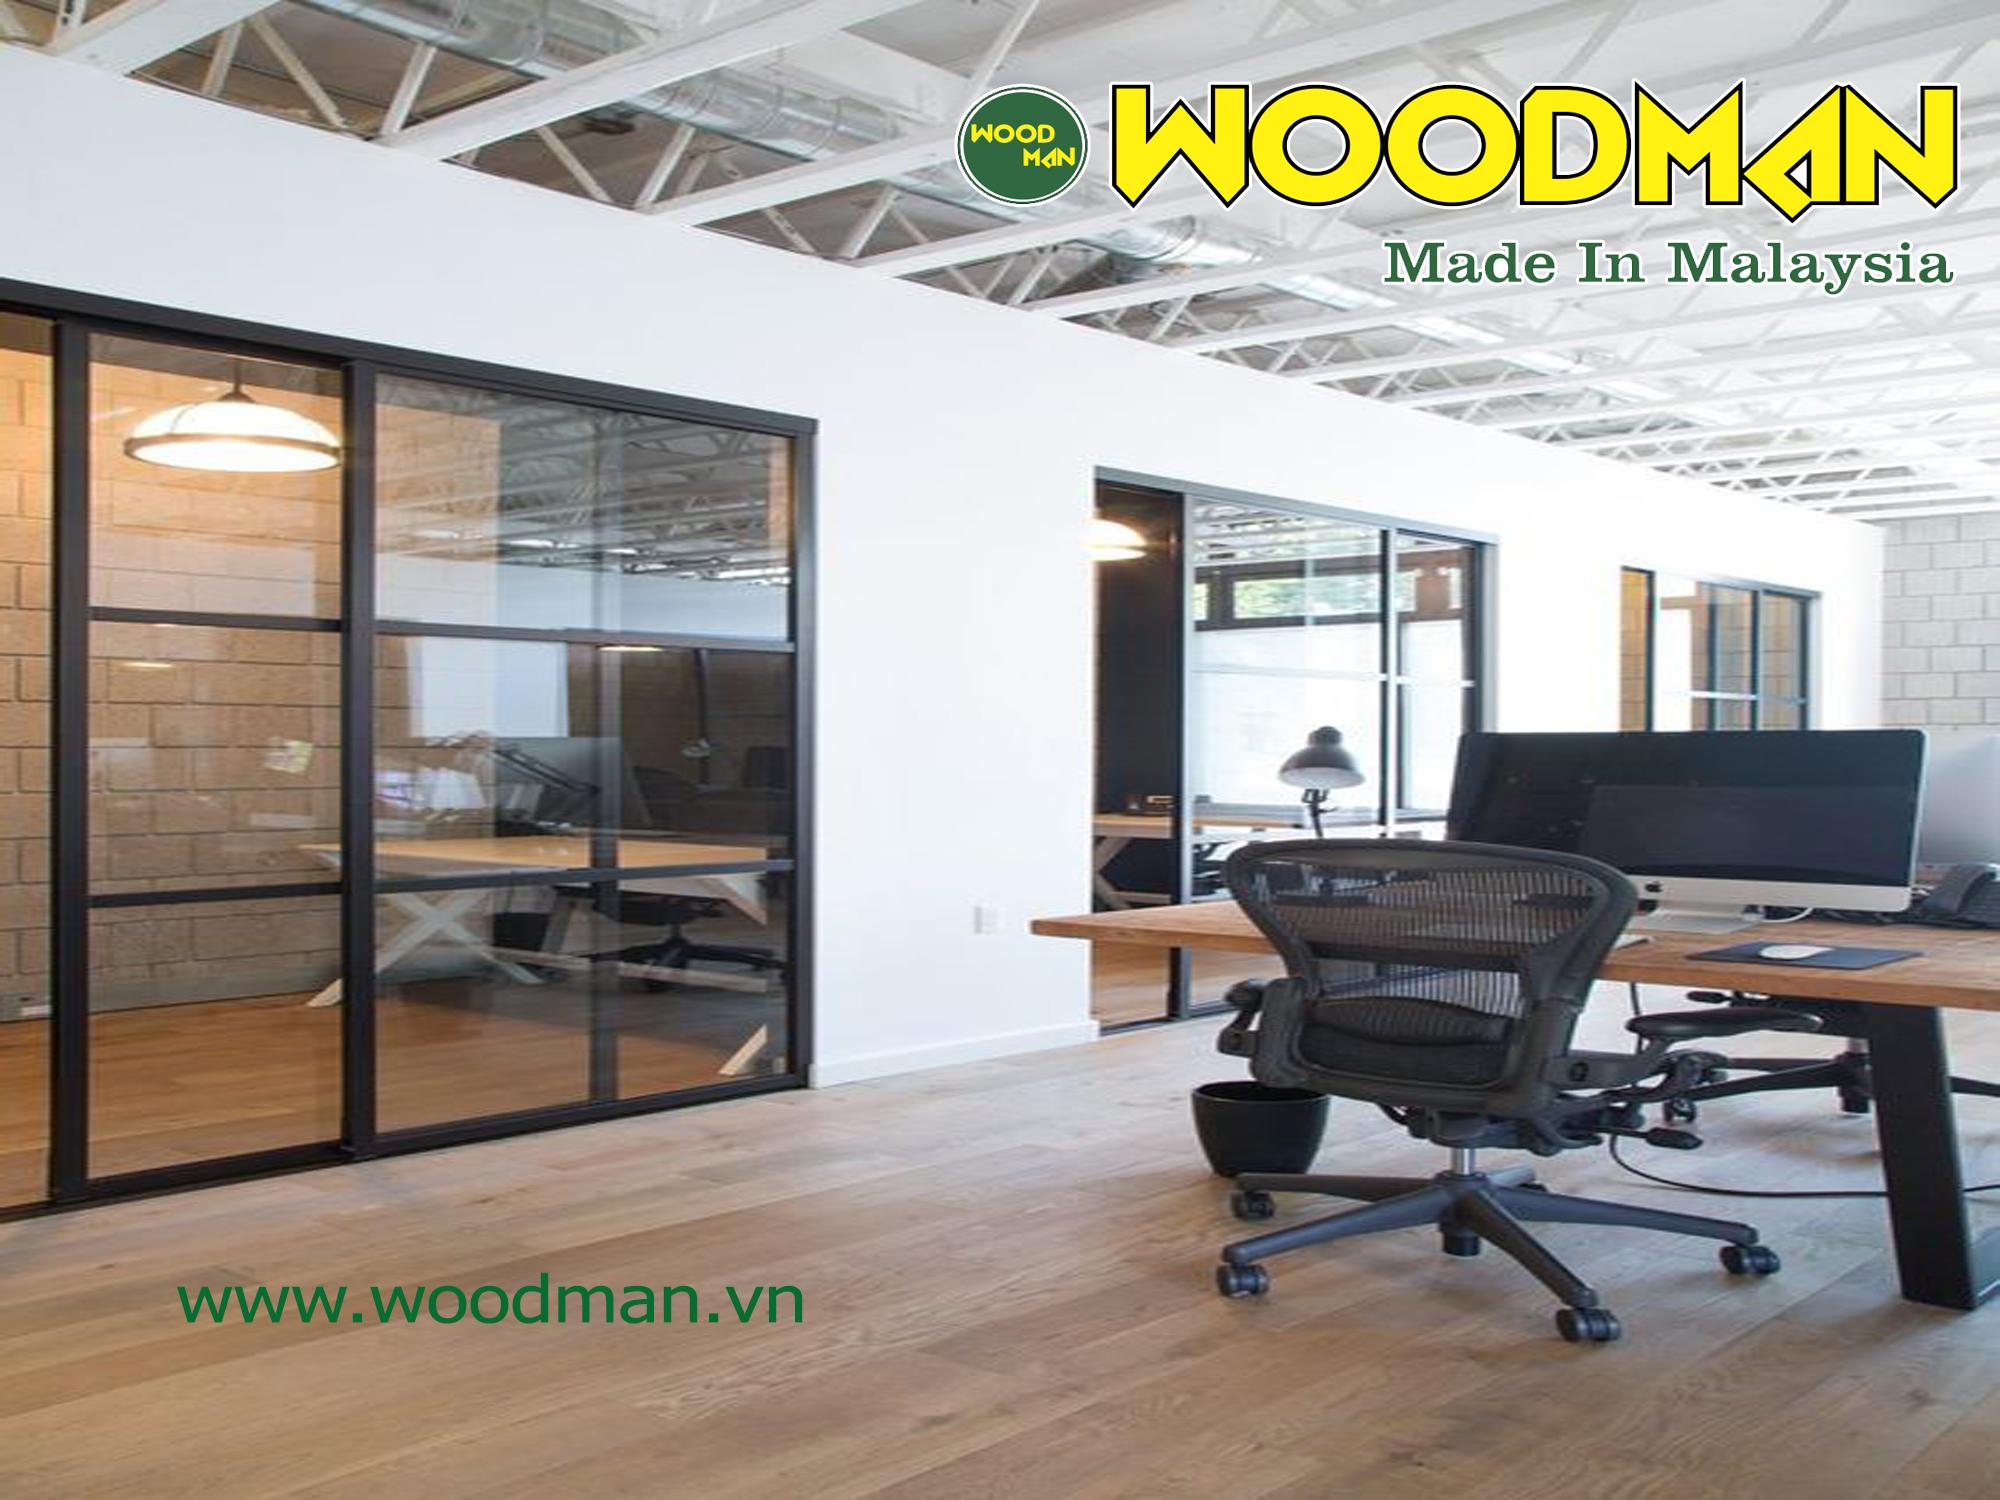 Sàn gỗ Woodman lắp đặt phòng làm việc.